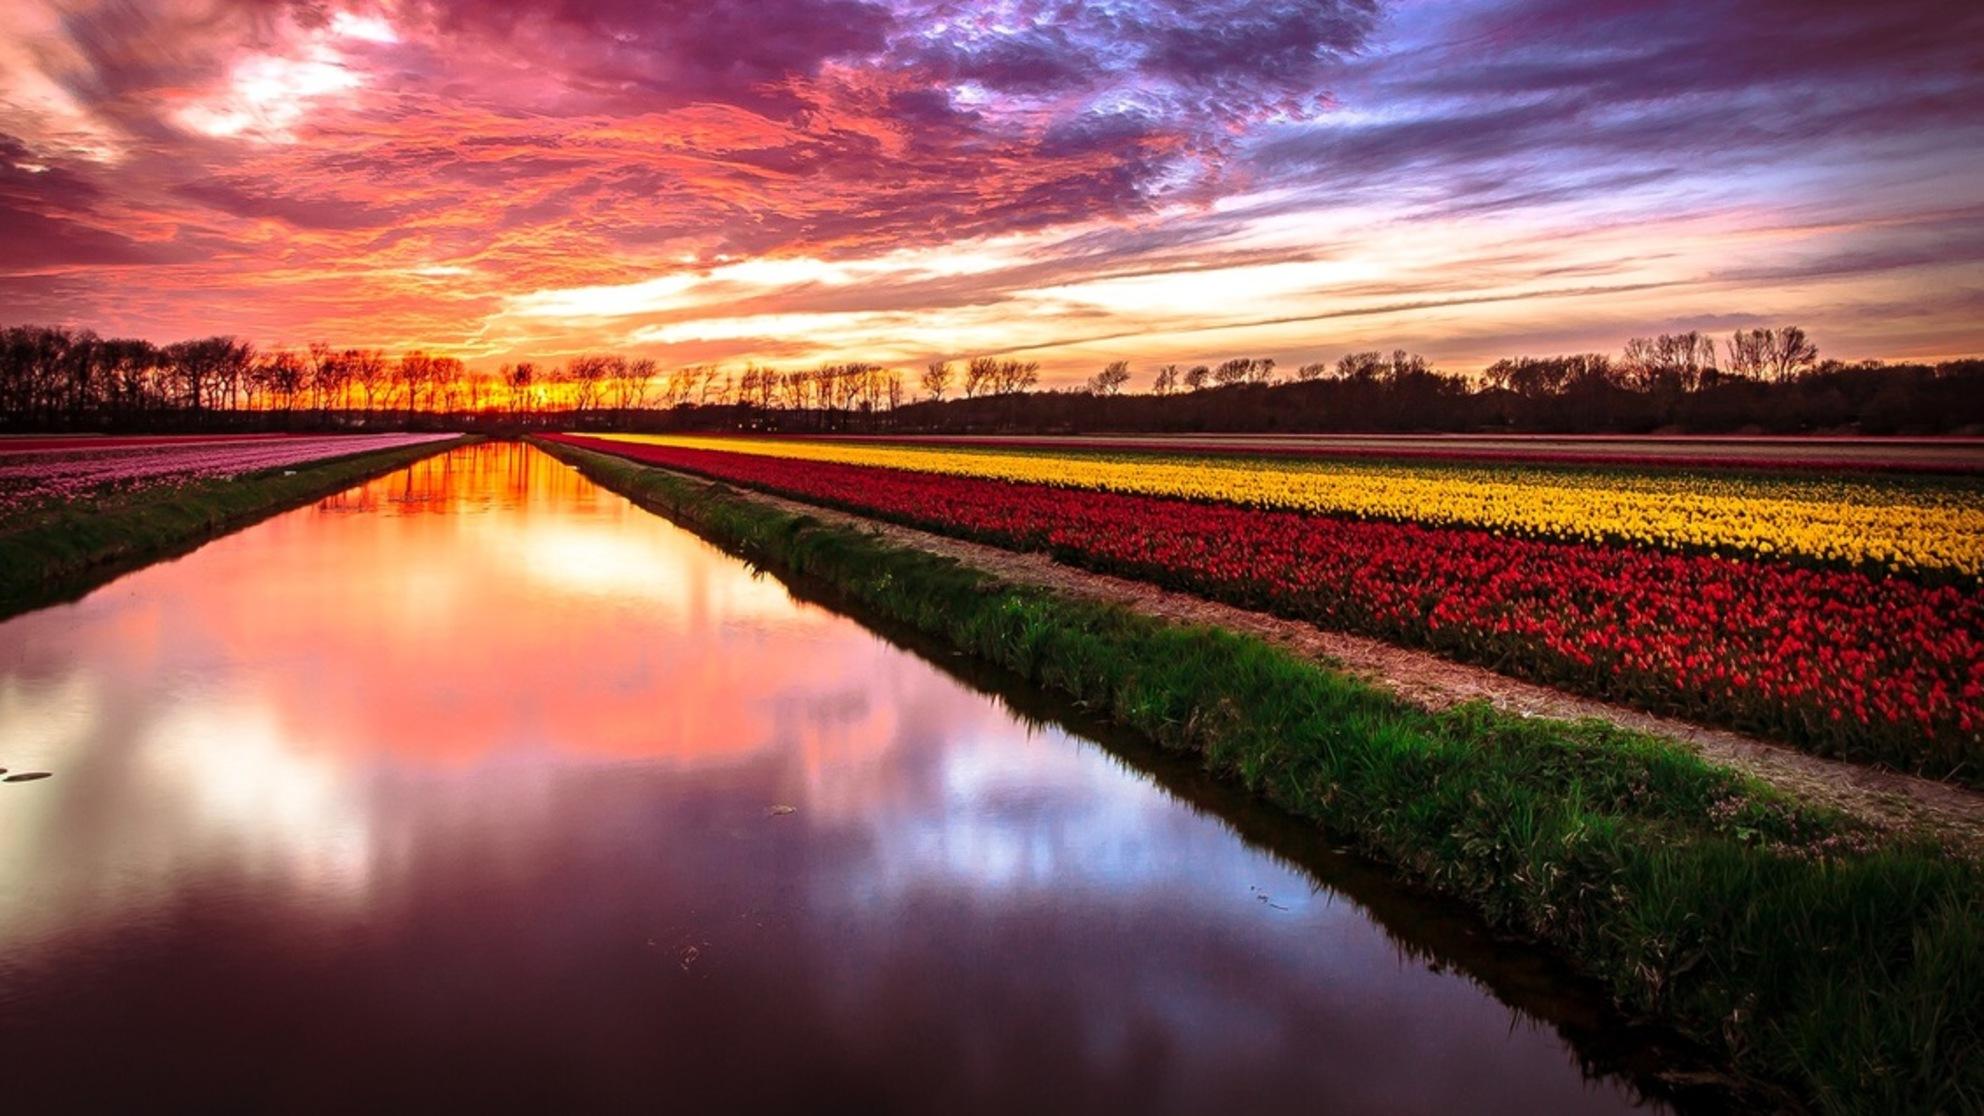 Dutch Flowers - Ook maar eens naar de Bollenvelden, het zat goed mee.... - foto door HenkPijnappels op 22-04-2016 - deze foto bevat: lucht, wolken, zon, water, tulpen, lente, natuur, avond, spiegeling, landschap, bomen, lange sluitertijd - Deze foto mag gebruikt worden in een Zoom.nl publicatie